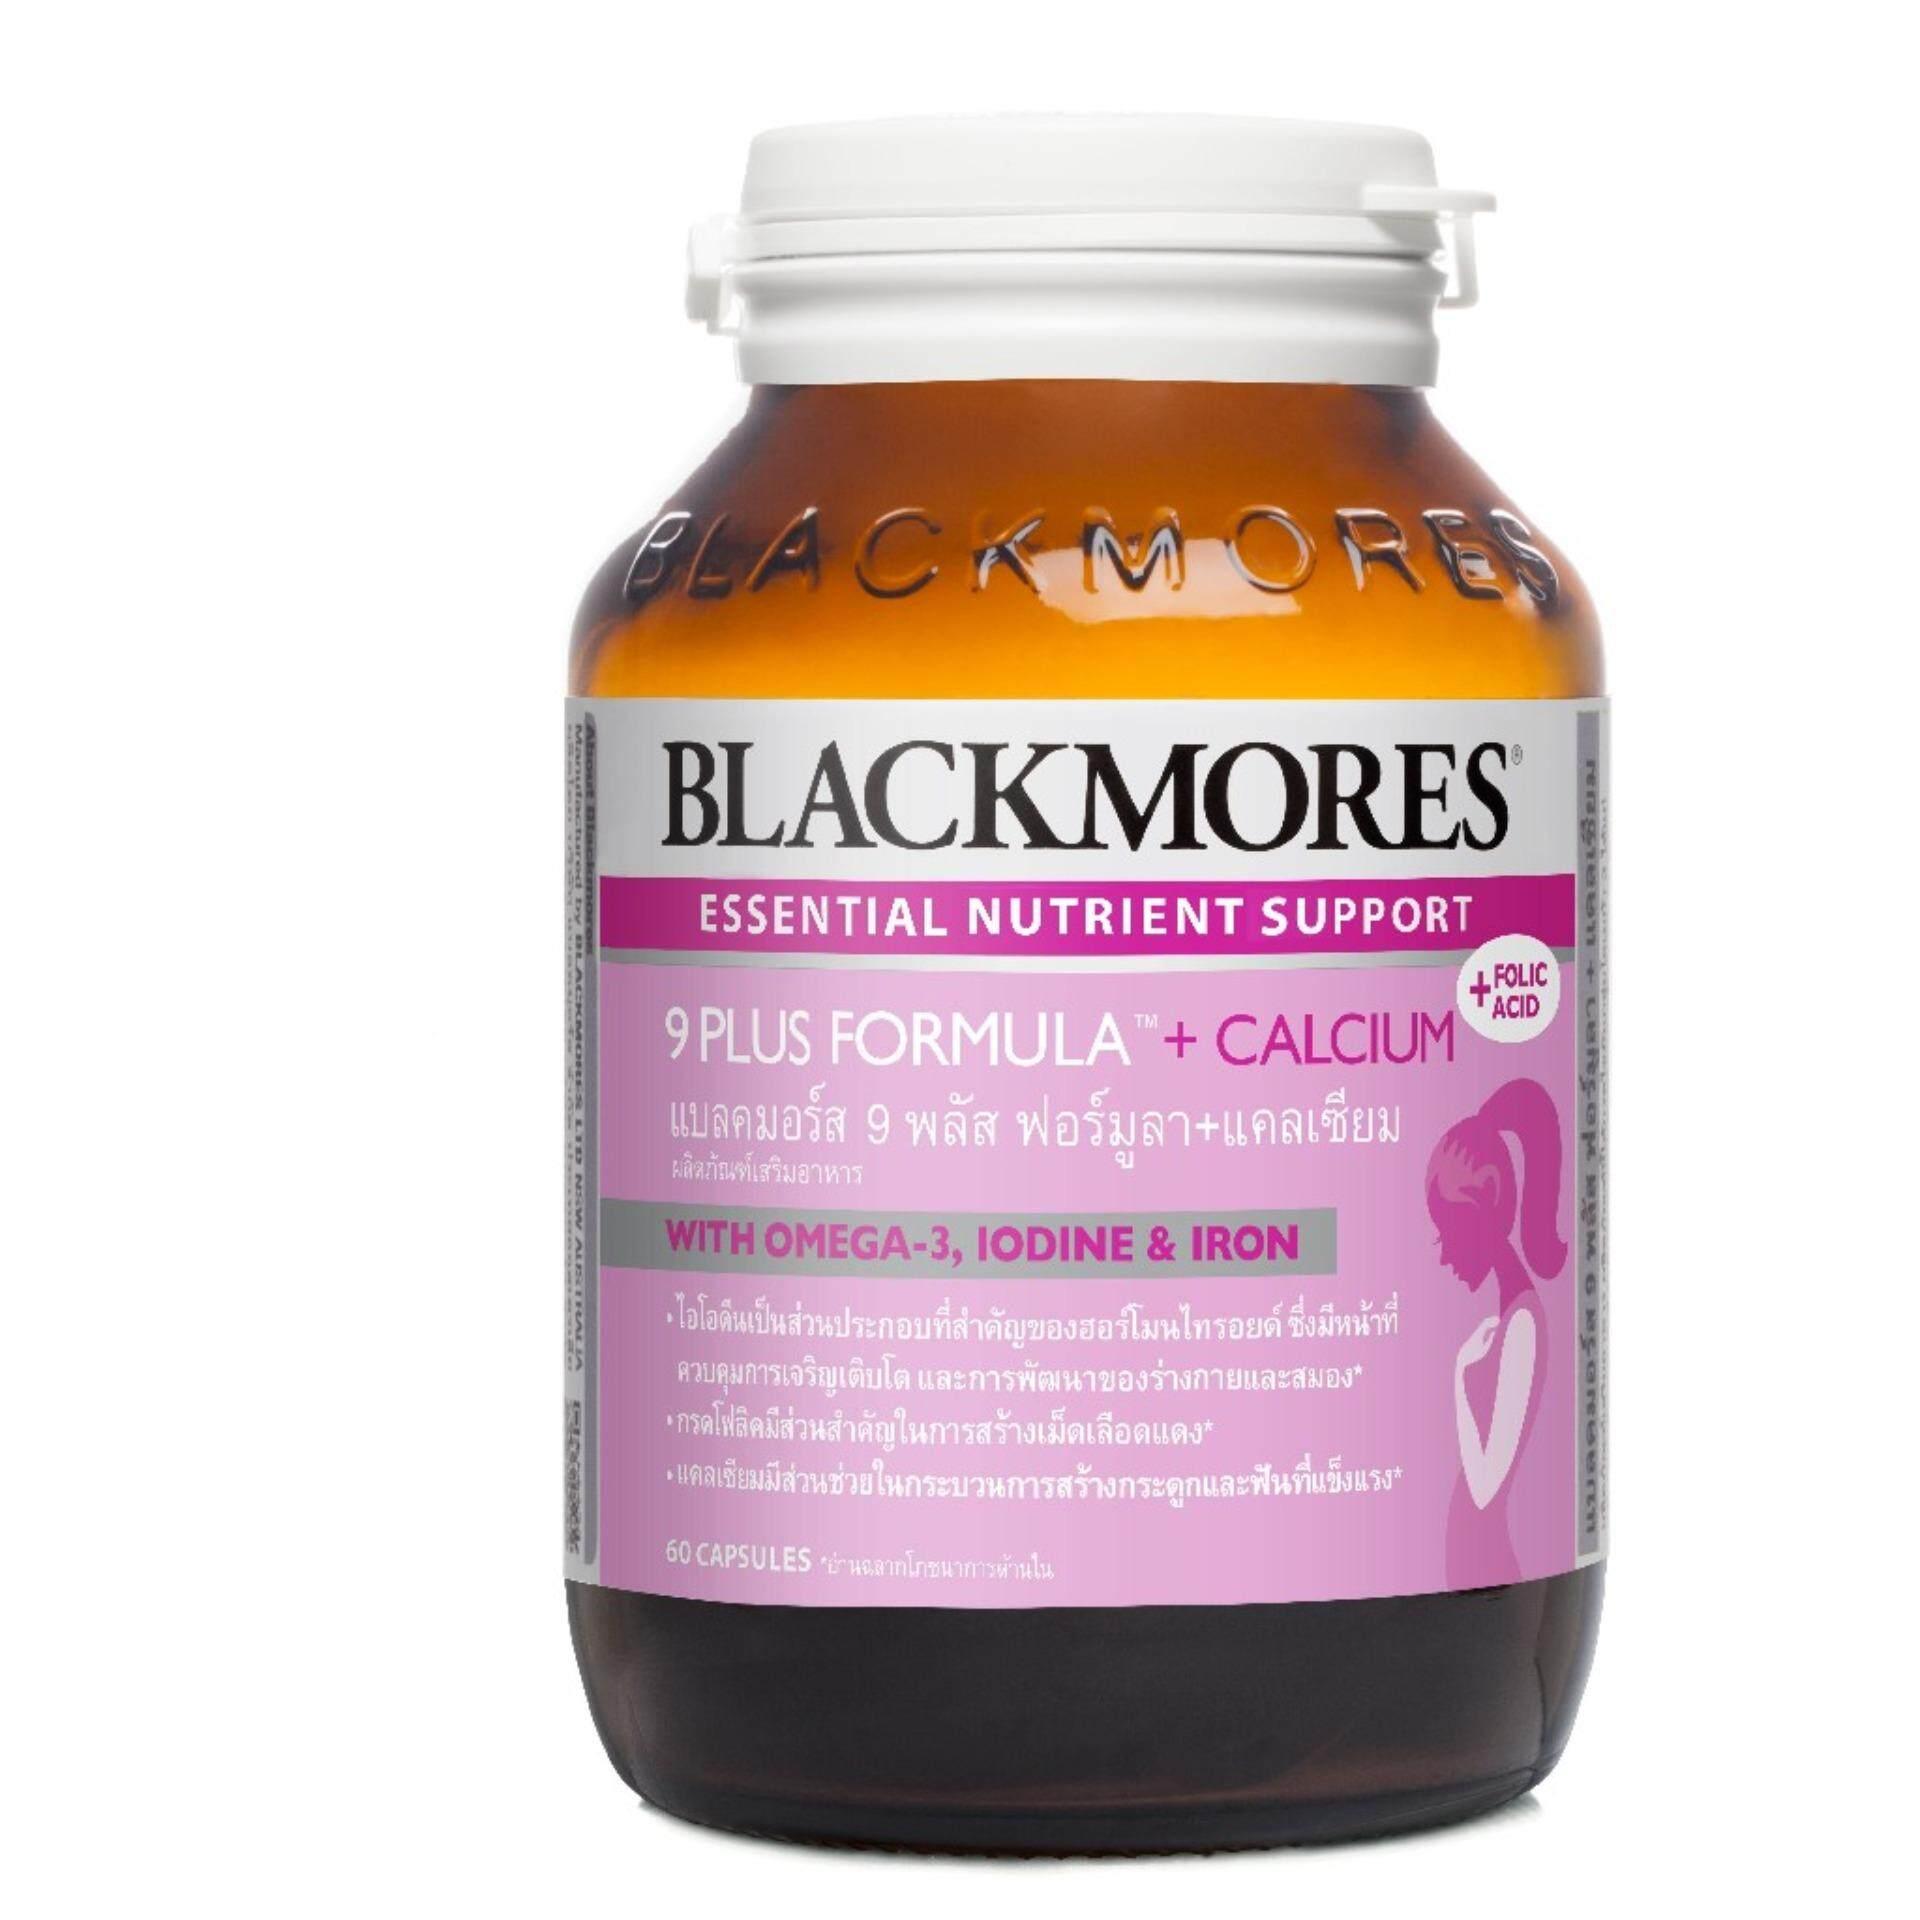 โปรโมชั่น แบลคมอร์ส 9 พลัส ฟอร์มูลา พลัสแคลเซียม ขนาด 60 เม็ด Blackmores 9 Plus Formula Calcium 60 S ถูก